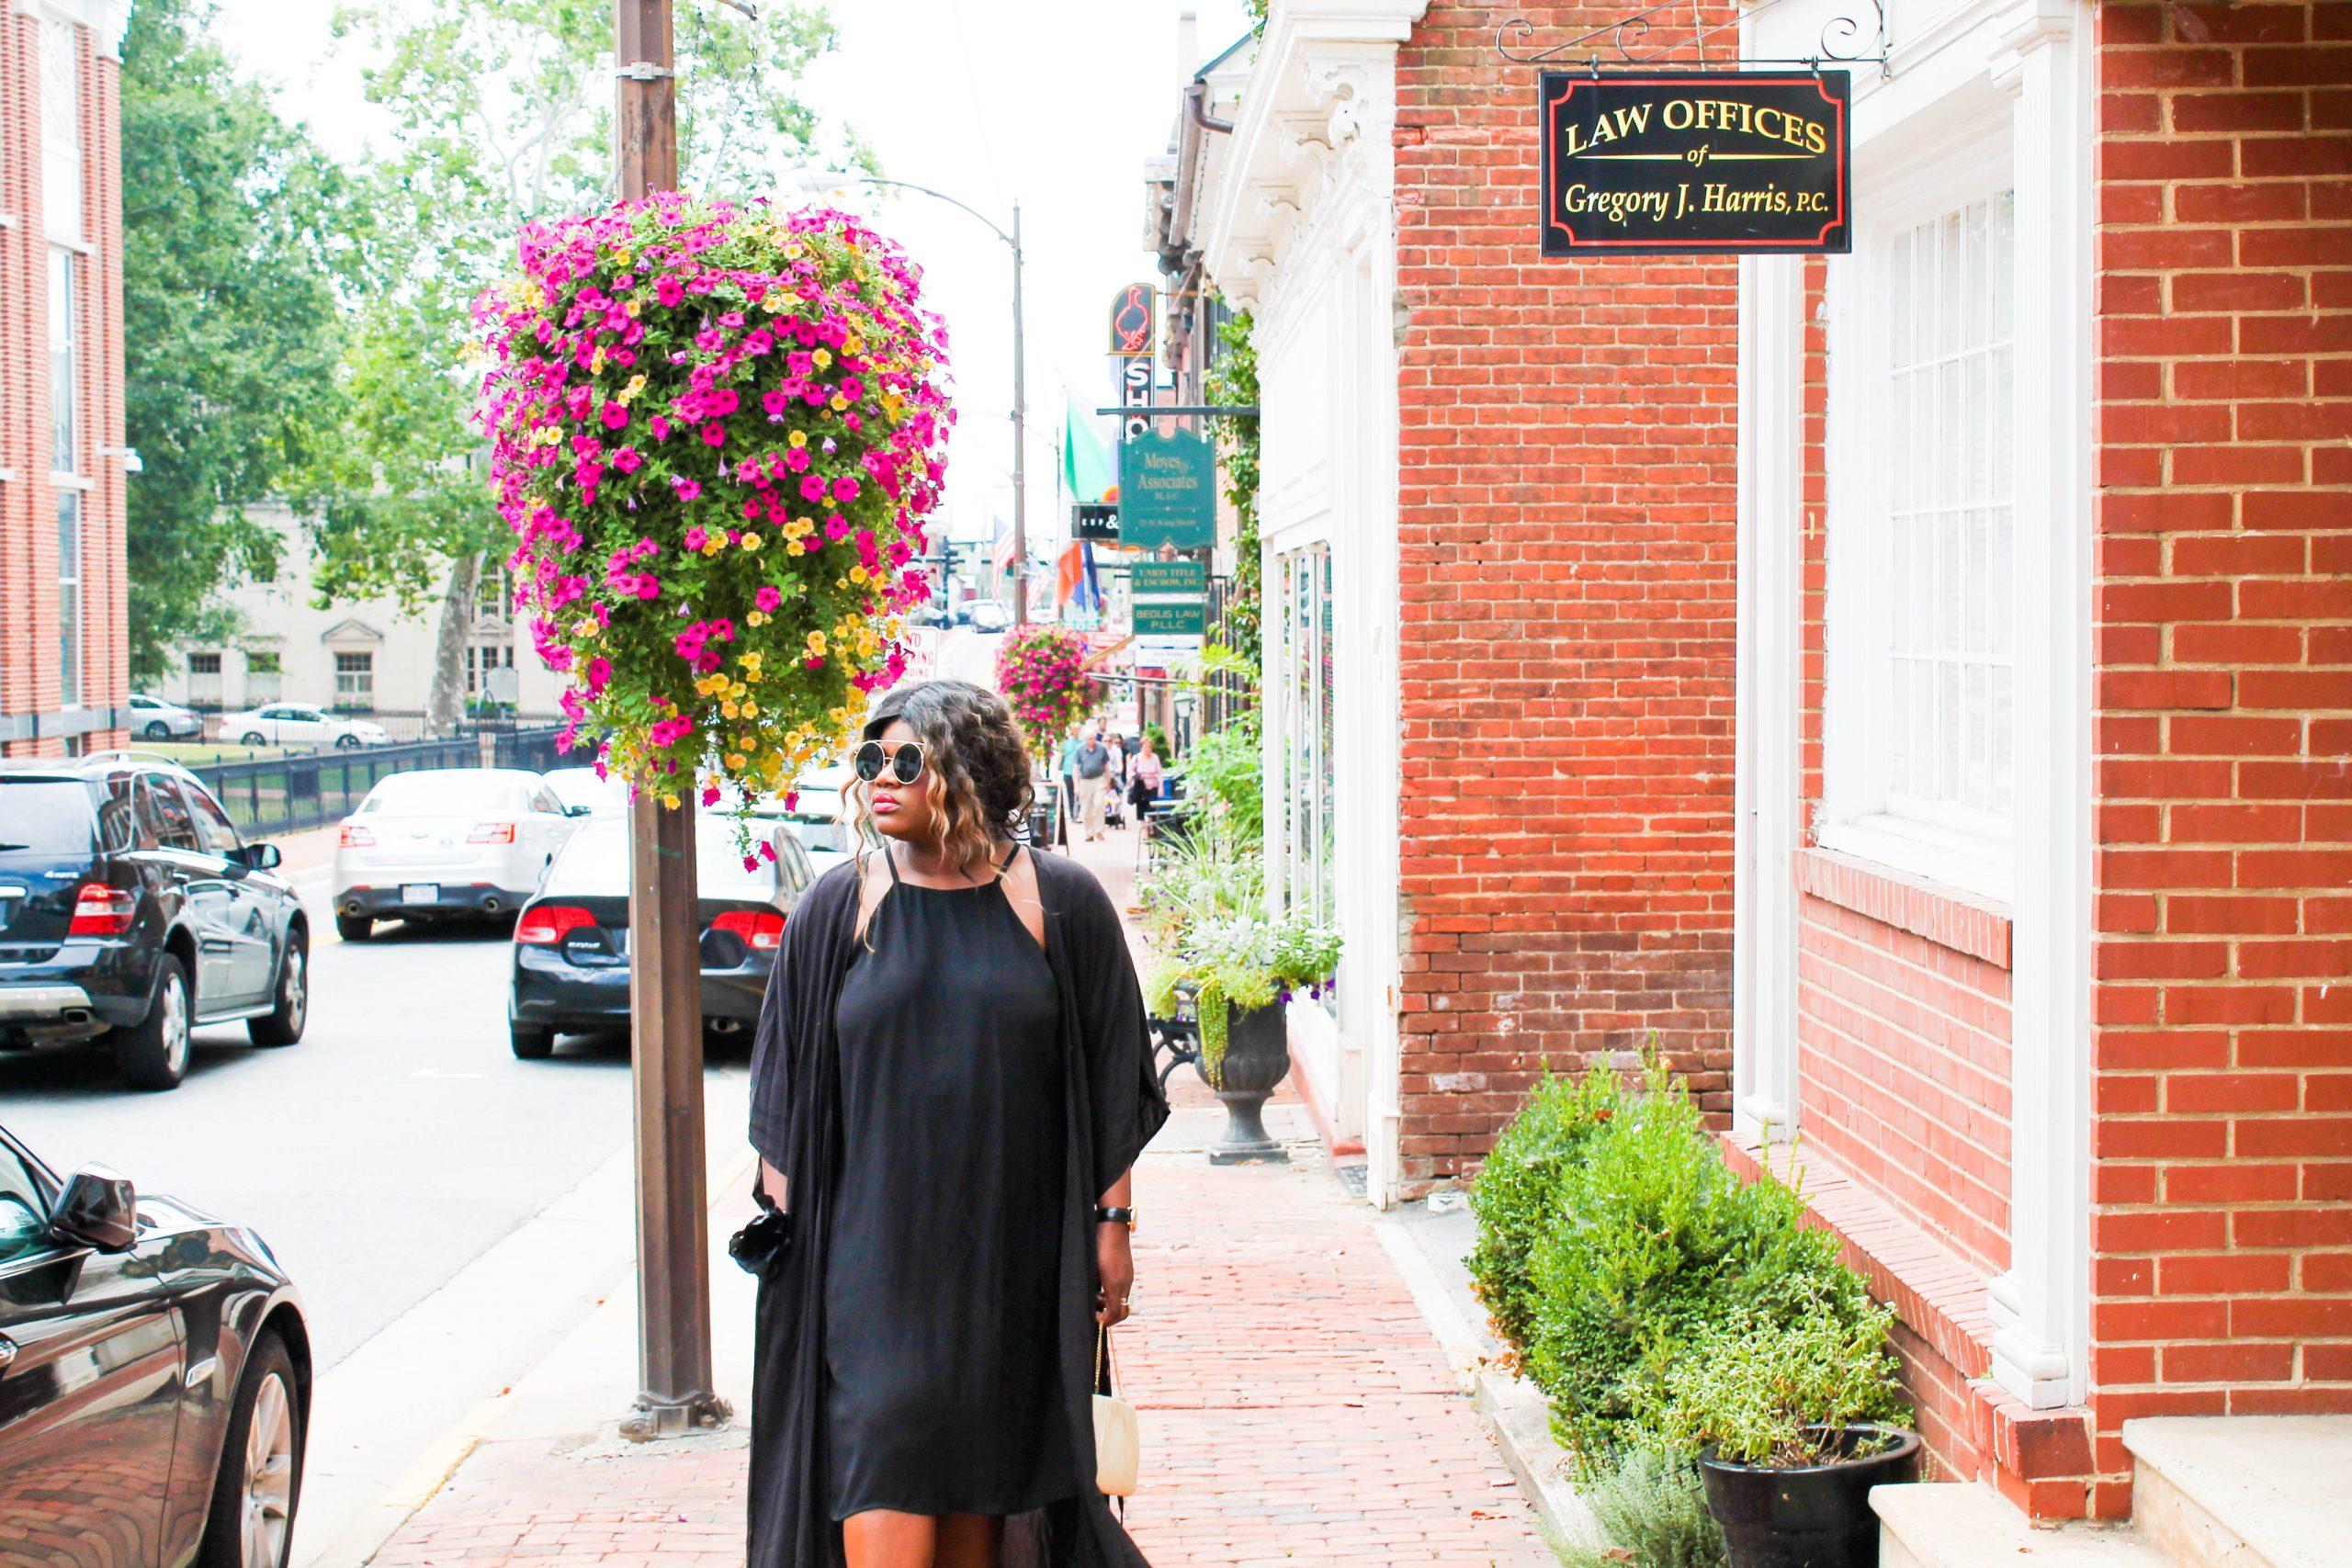 {Always Creating Blog // Living Local in Old Town Leesburg, Virginia}